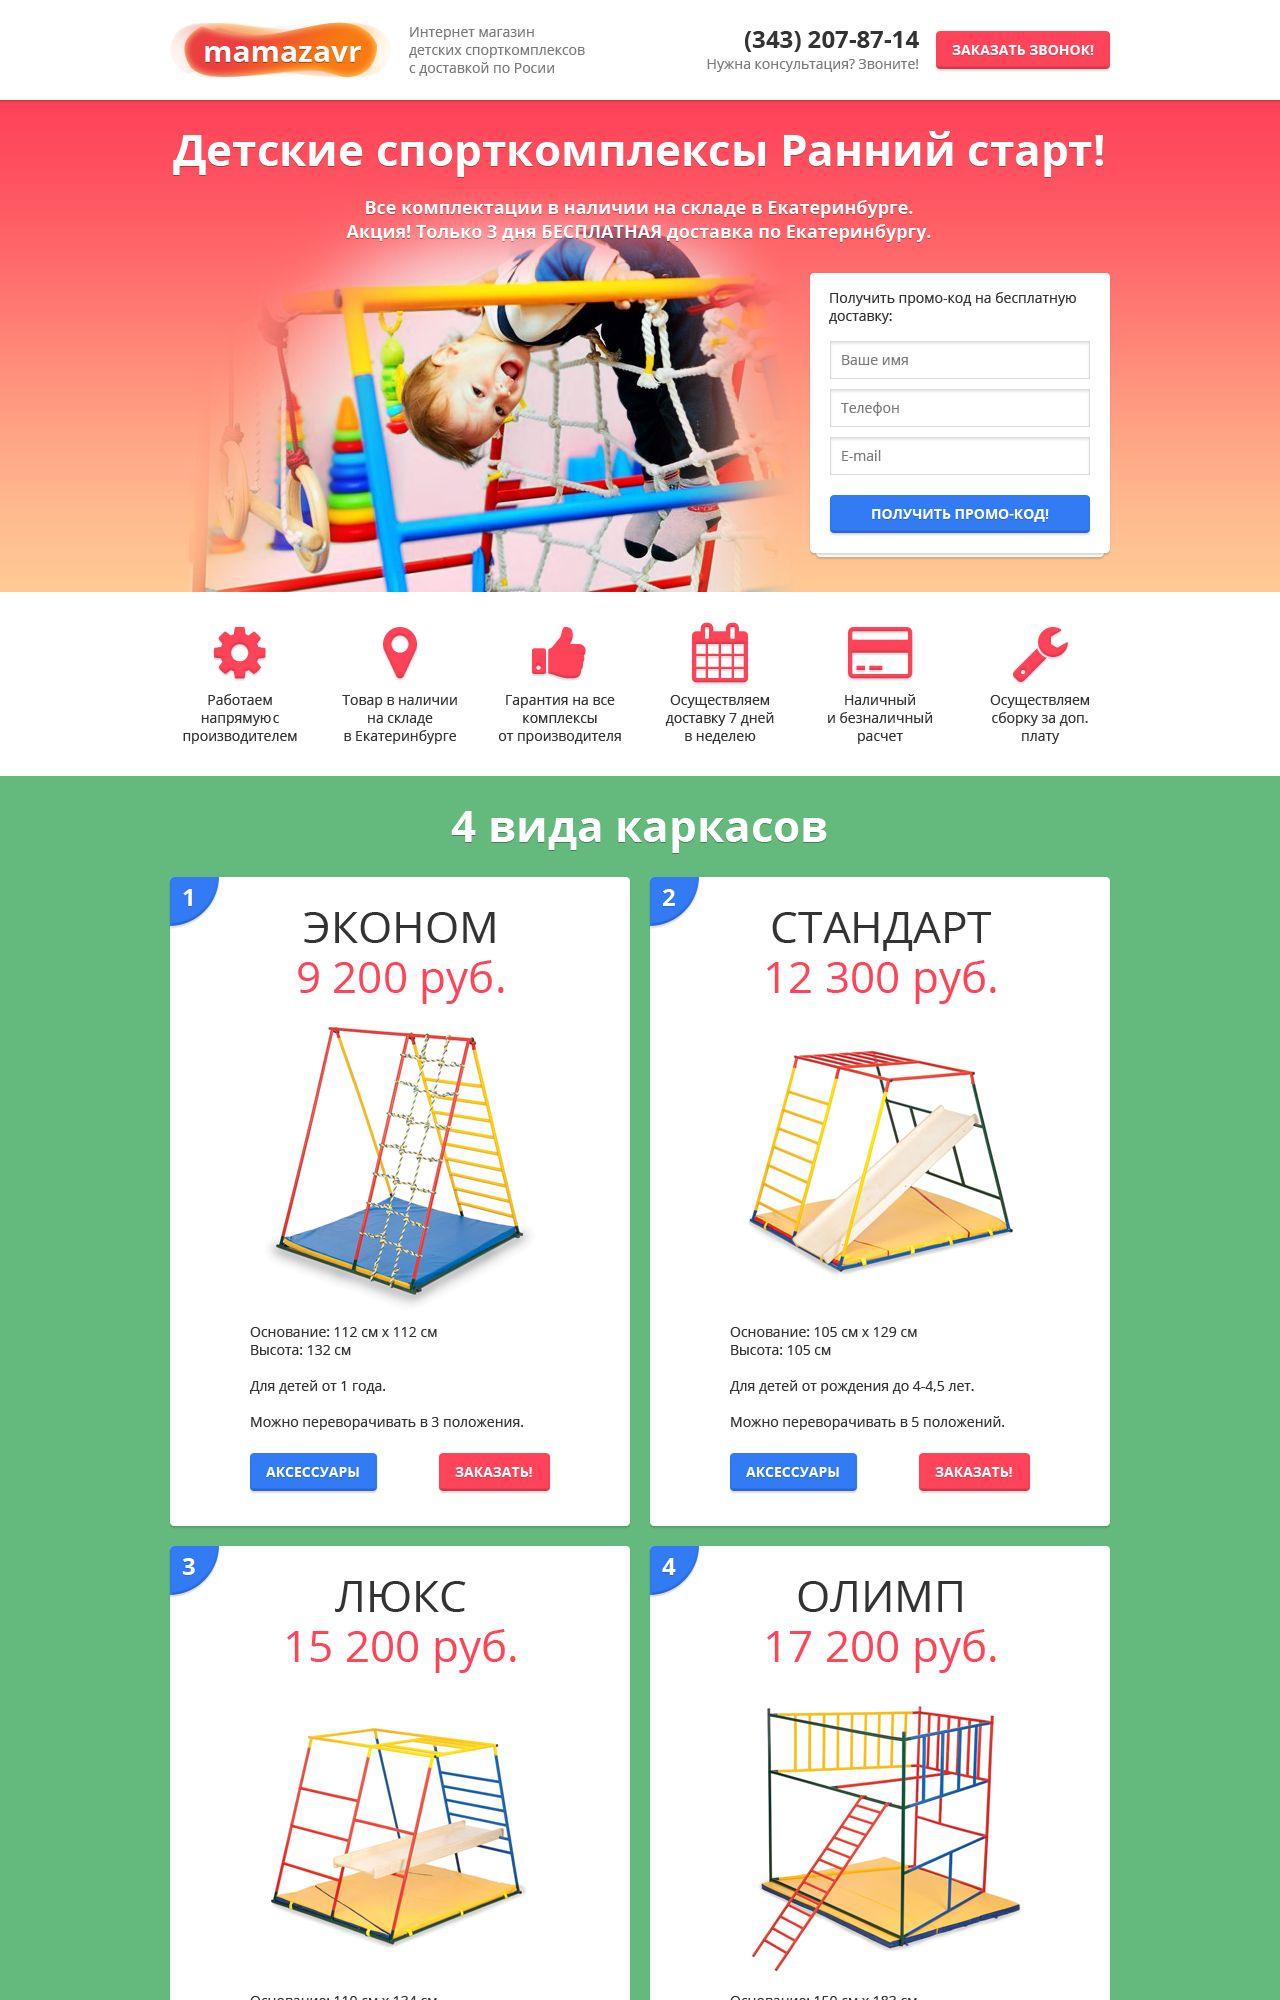 Редизайн landing page - дизайнер nice_designer